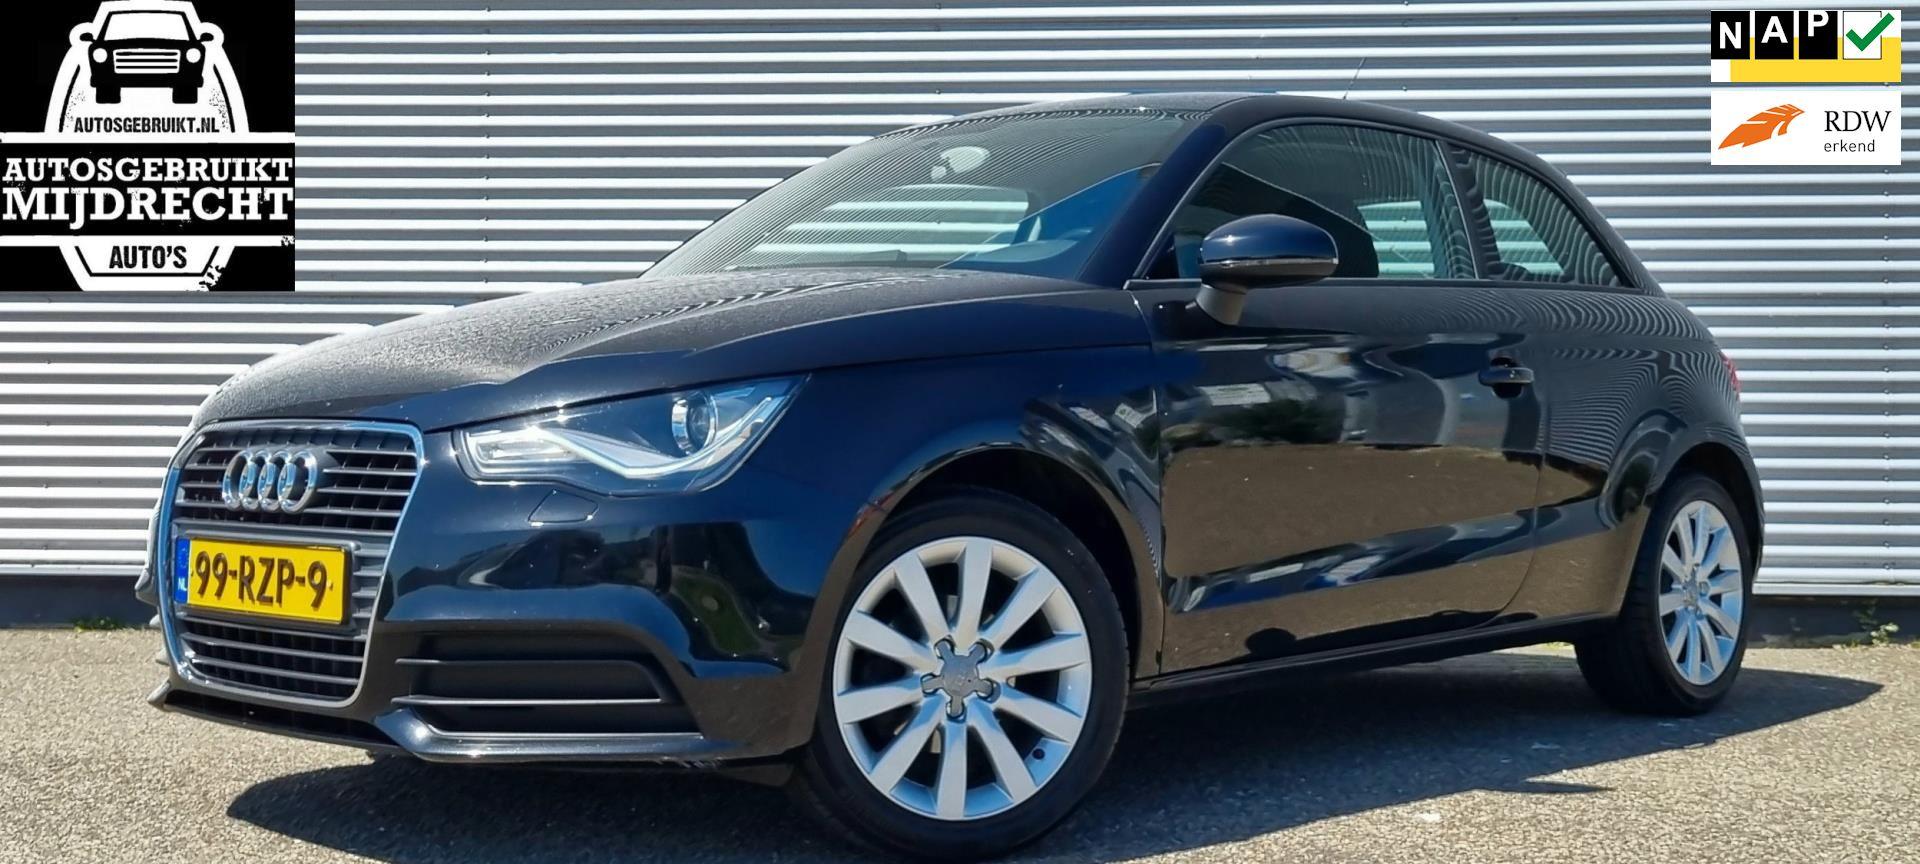 Audi A1 occasion - Autosgebruikt Mijdrecht